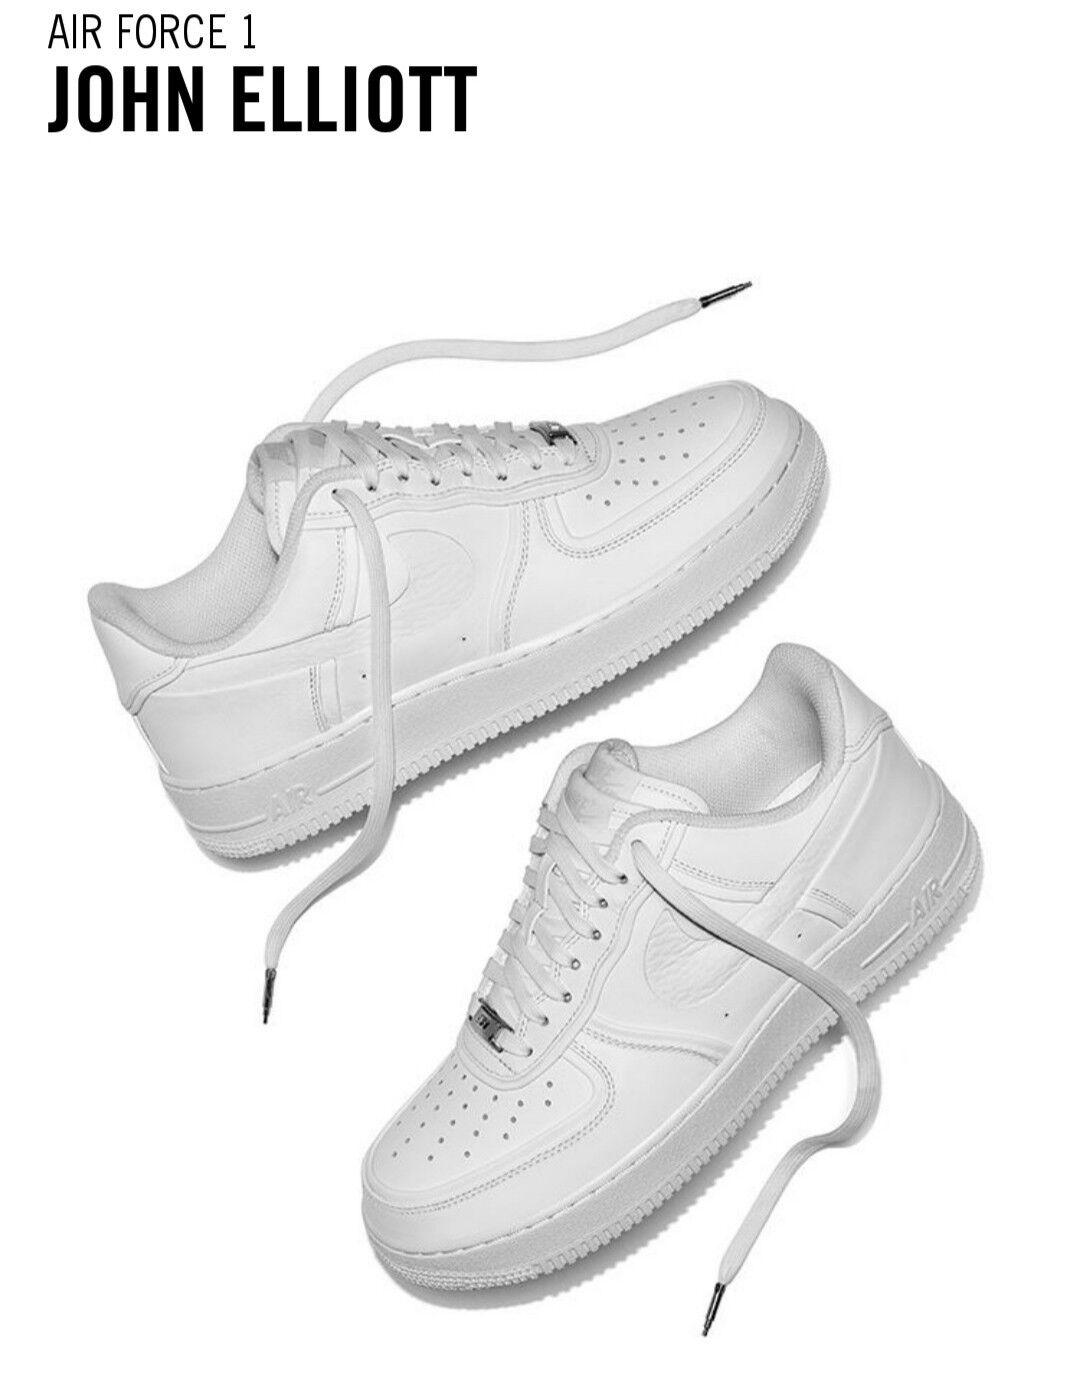 Nike x john elliott air force af1 1 niedrig af1 force triple weiße sz 6,5 mio / 8 wmns 956b70